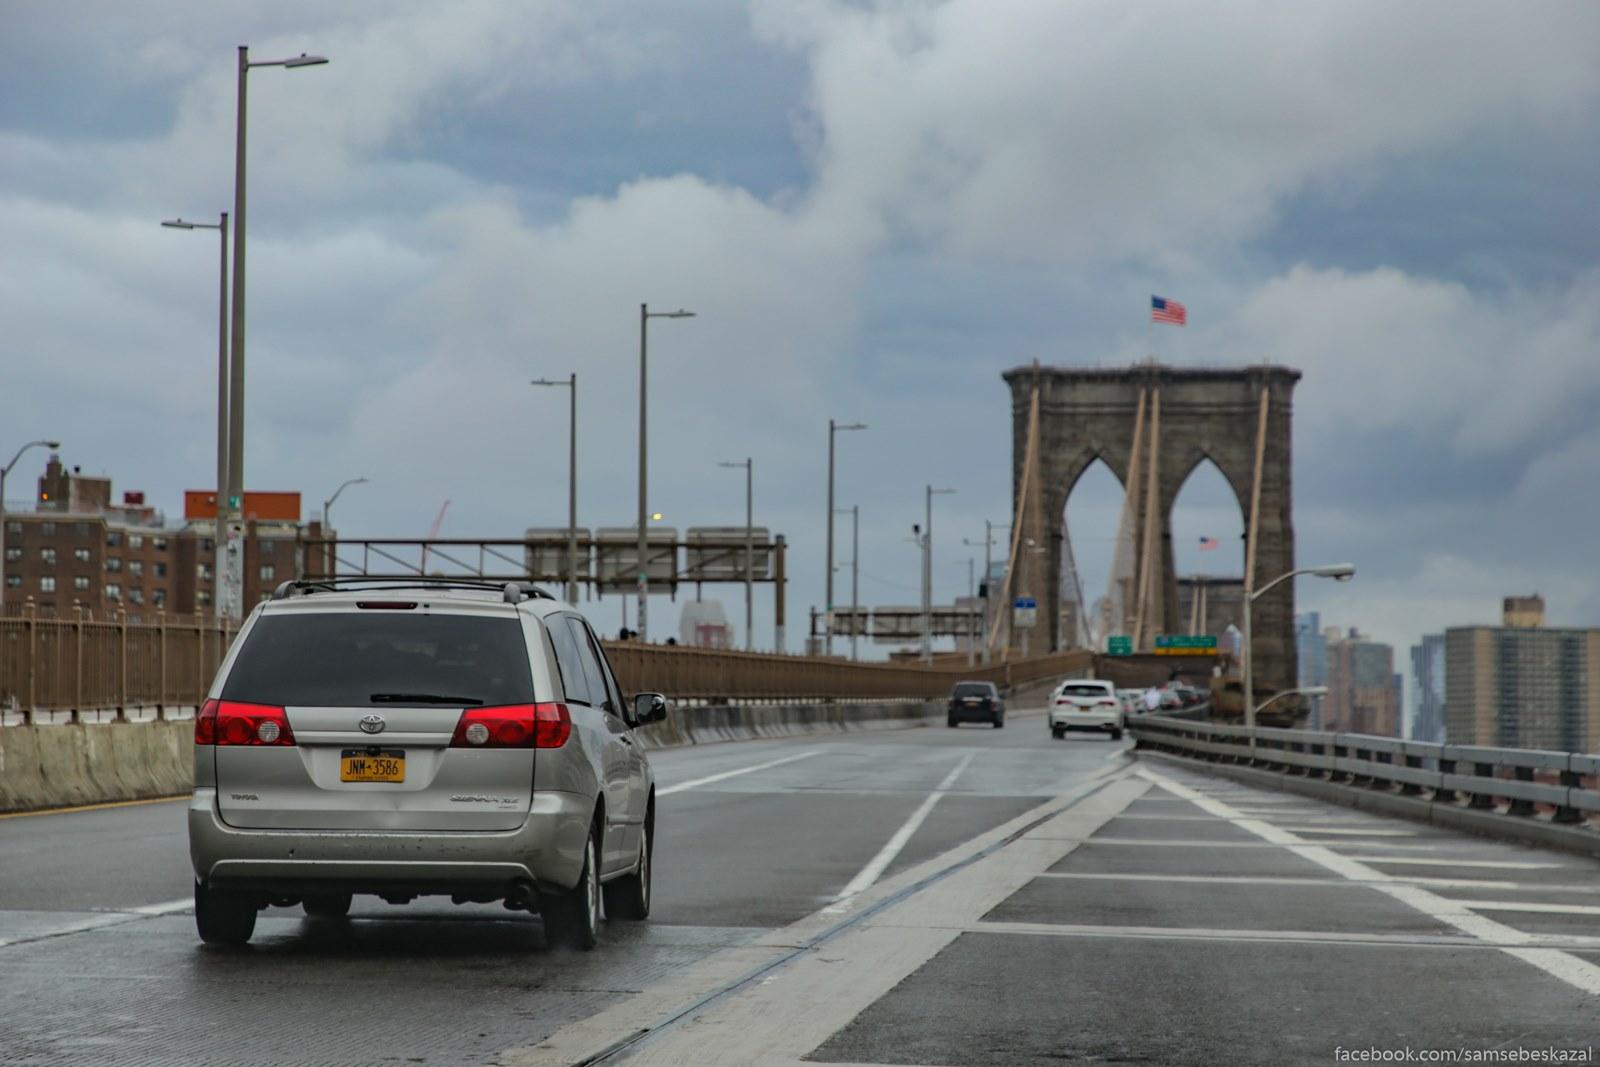 Zaehal na Bruklinskij most i bylo obradovalsa tomu, cto ne budu stoatʹ v probke s sʺezde v Bruklin.